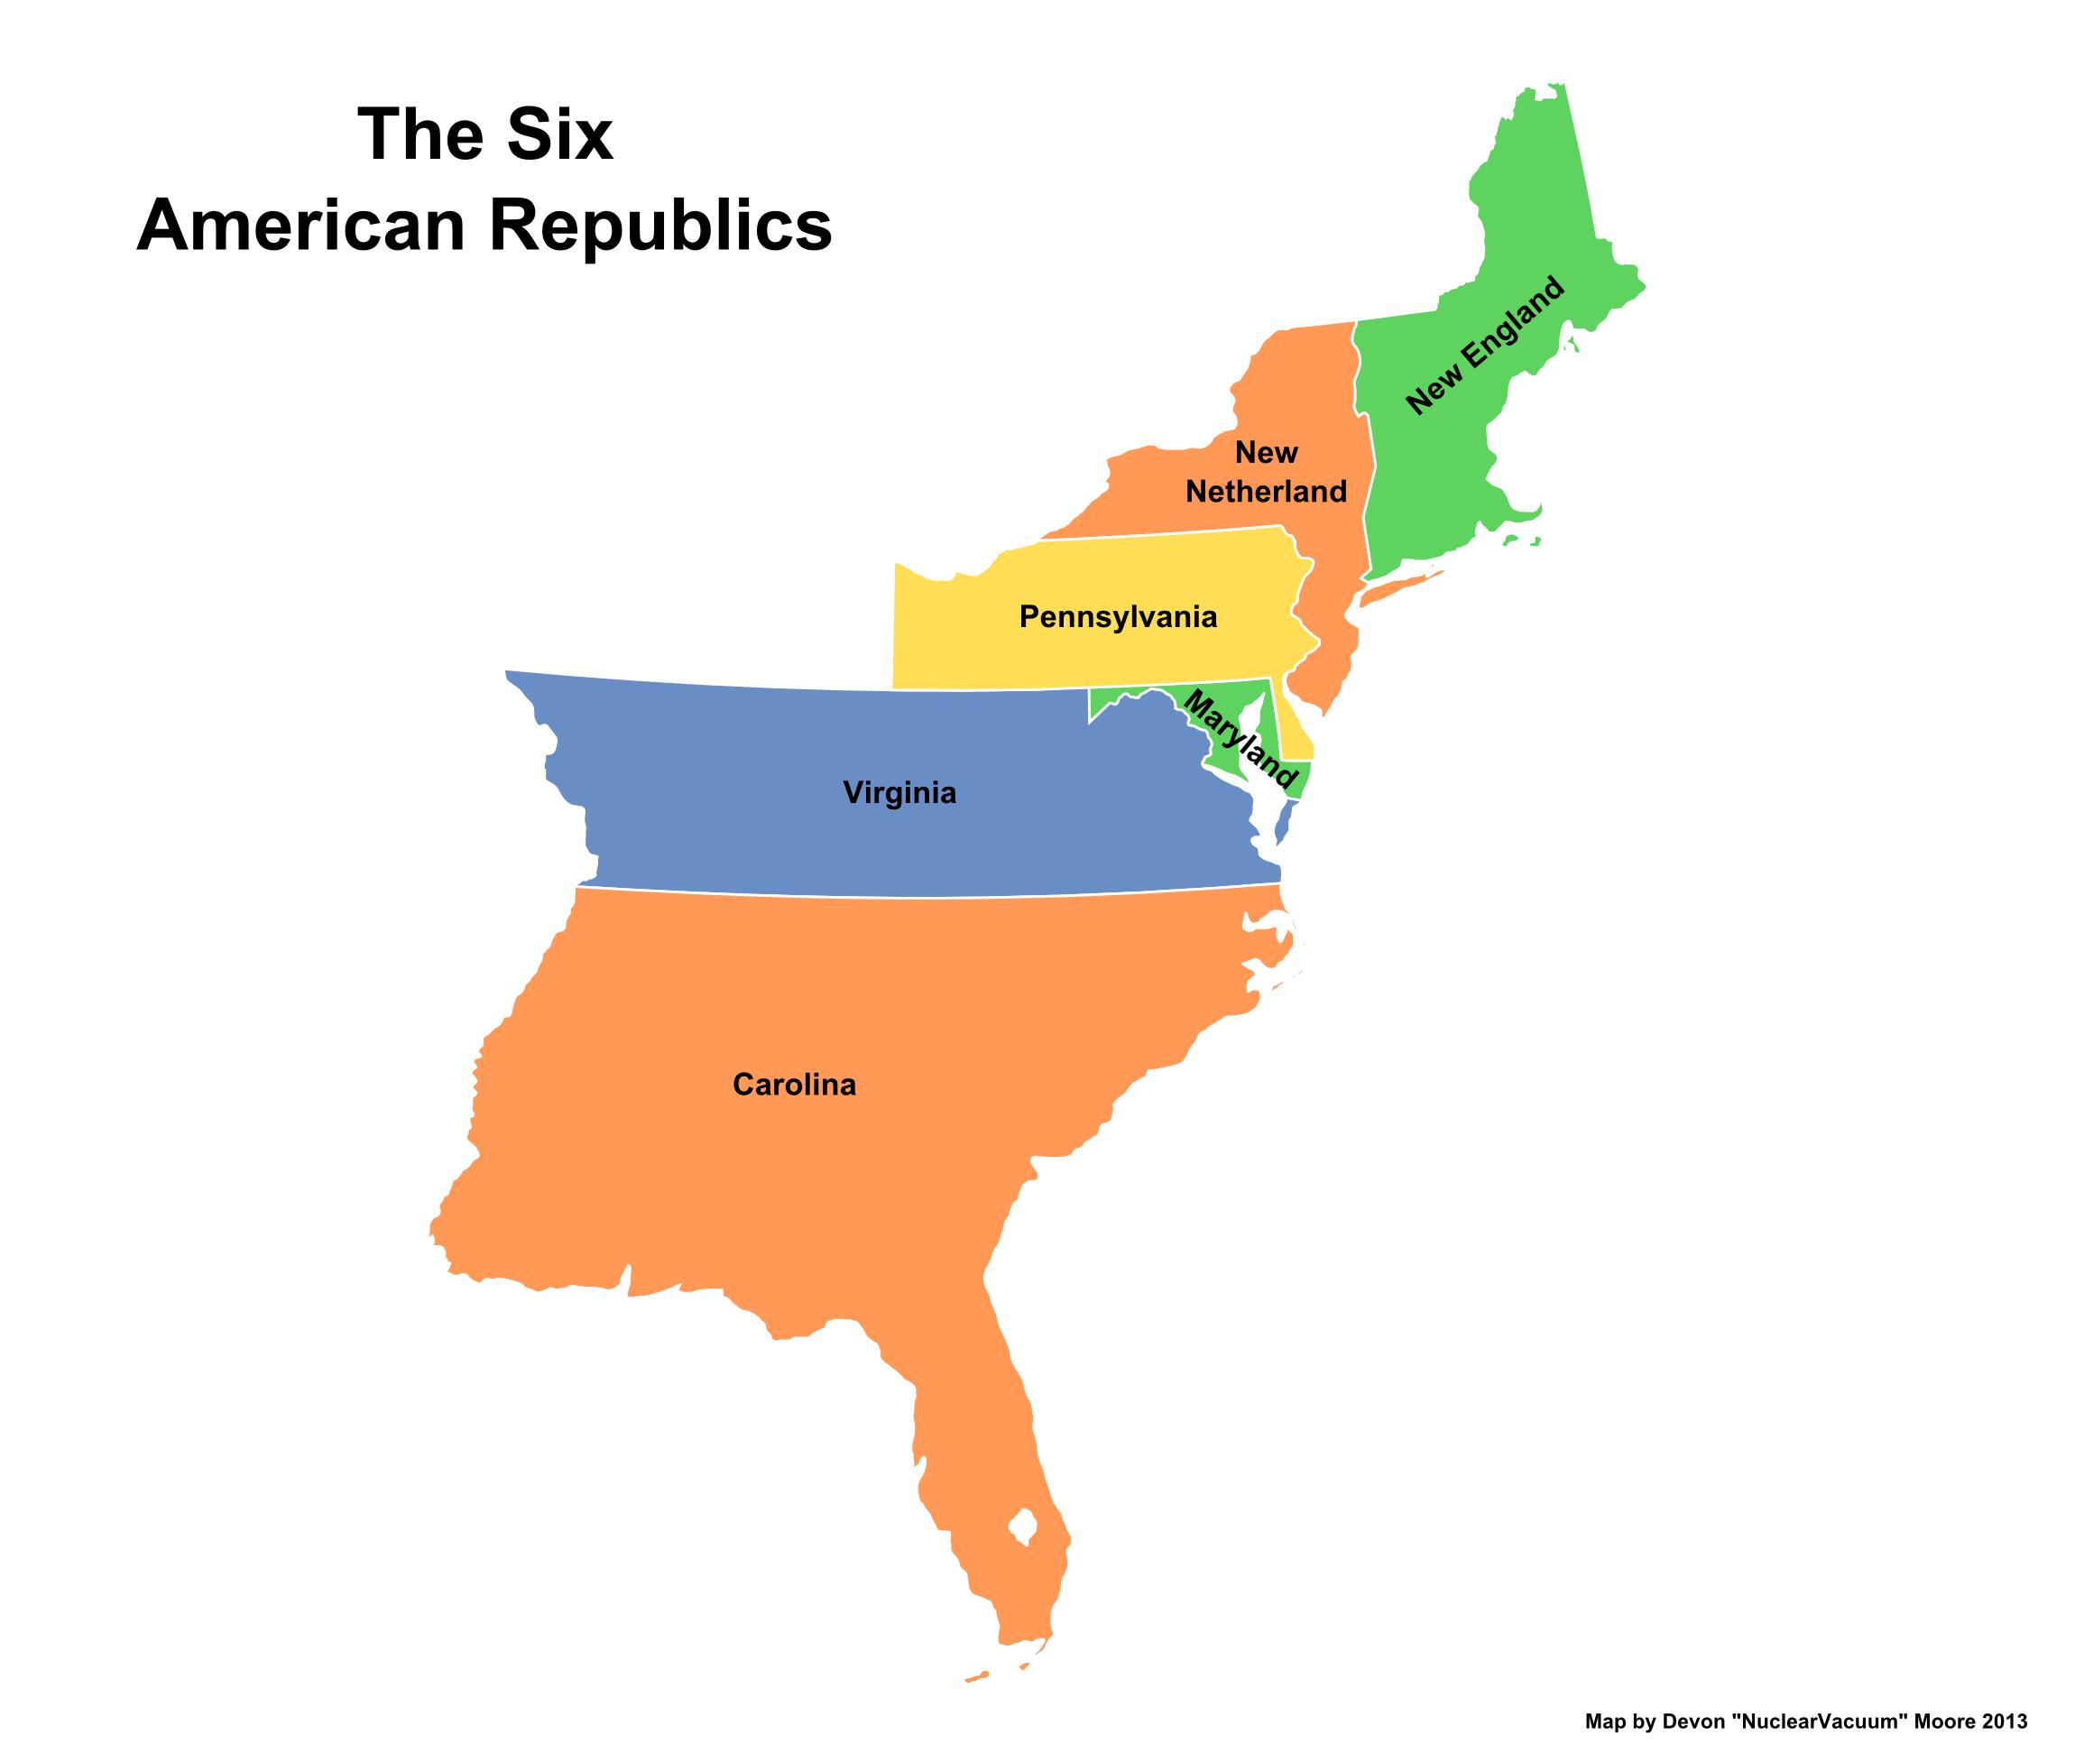 American Republics (13 Fallen Stars)